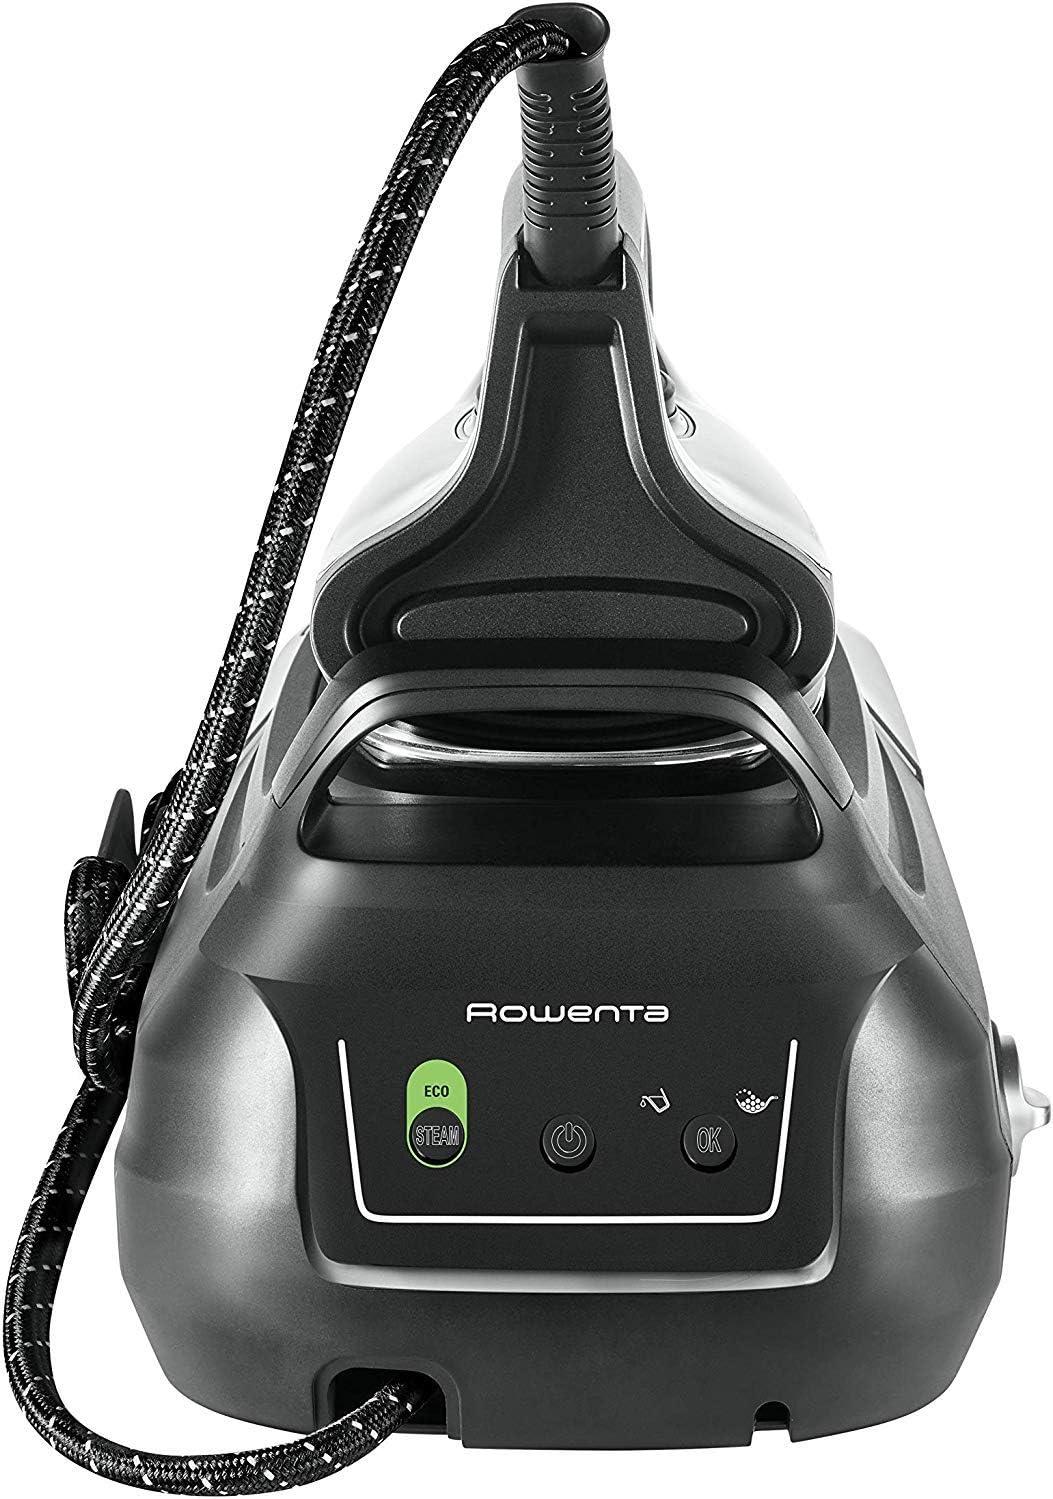 Rowenta DG8622 Perfect Steam Pro Sistema Anticalcare brevettato Ricondizionato Pressione 6.9 bar modalit/à risparmio energetico Potenza 2400 W Ferro da stiro con Caldaia